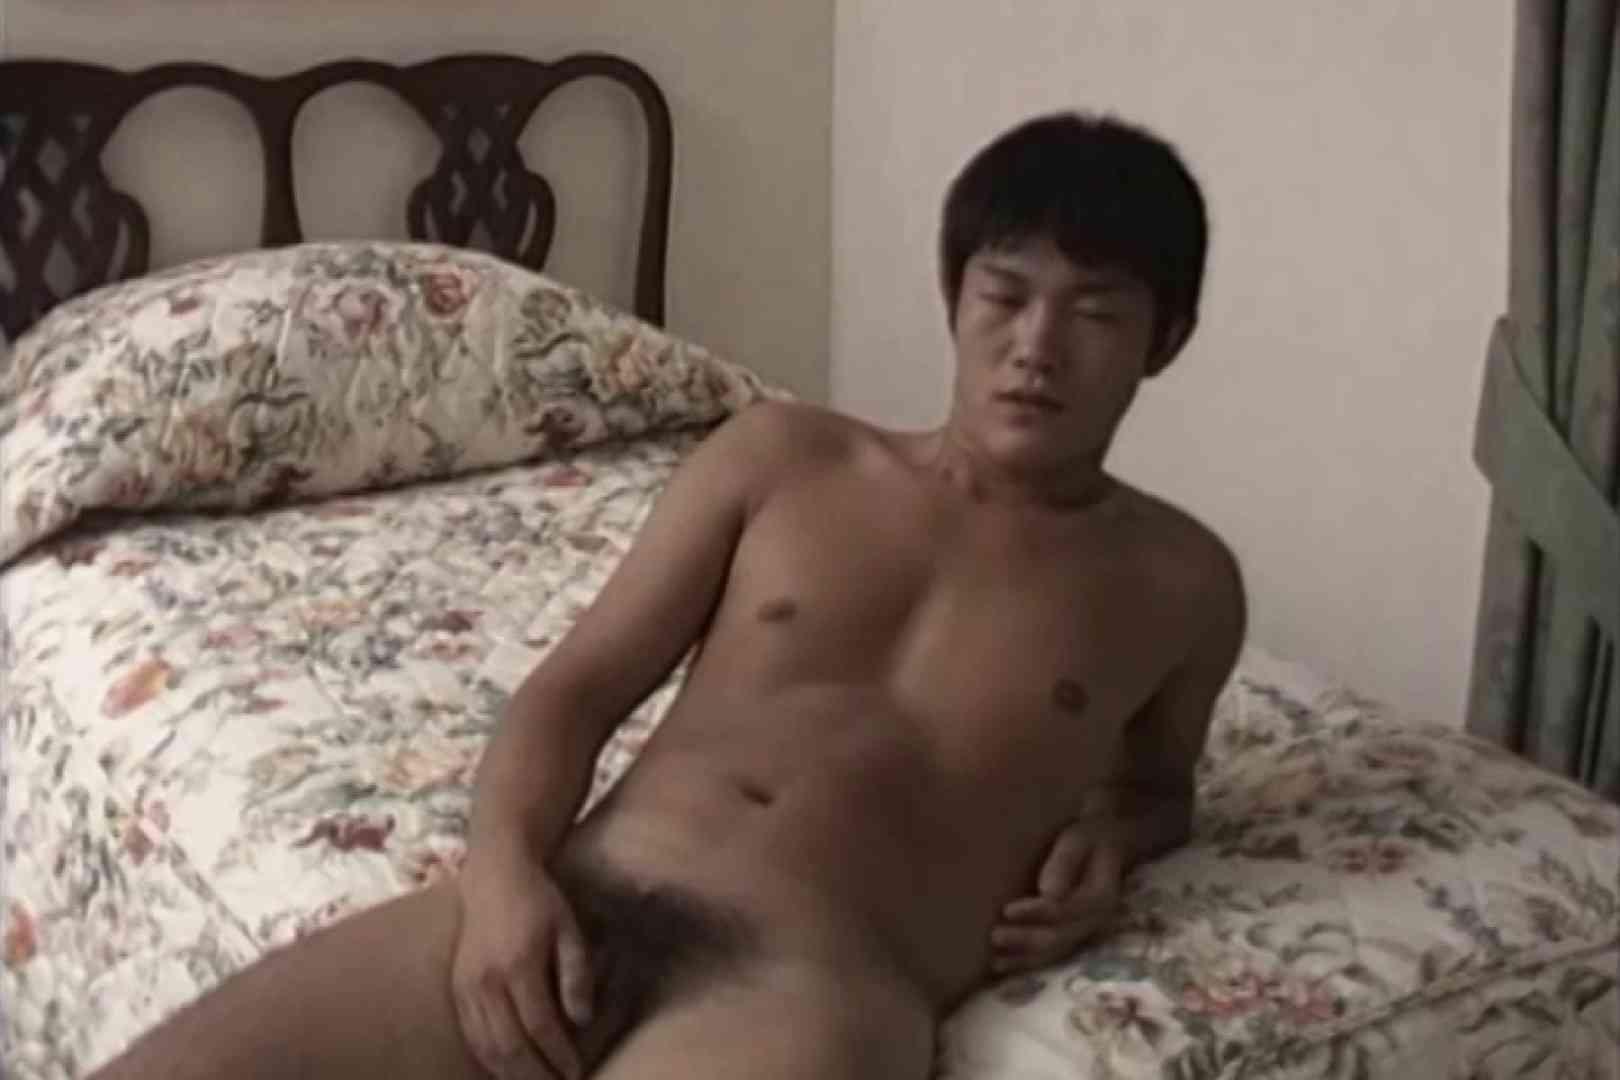 スポメン競パン部、真っ盛り!!Vol.03 オナニー  59pic 14